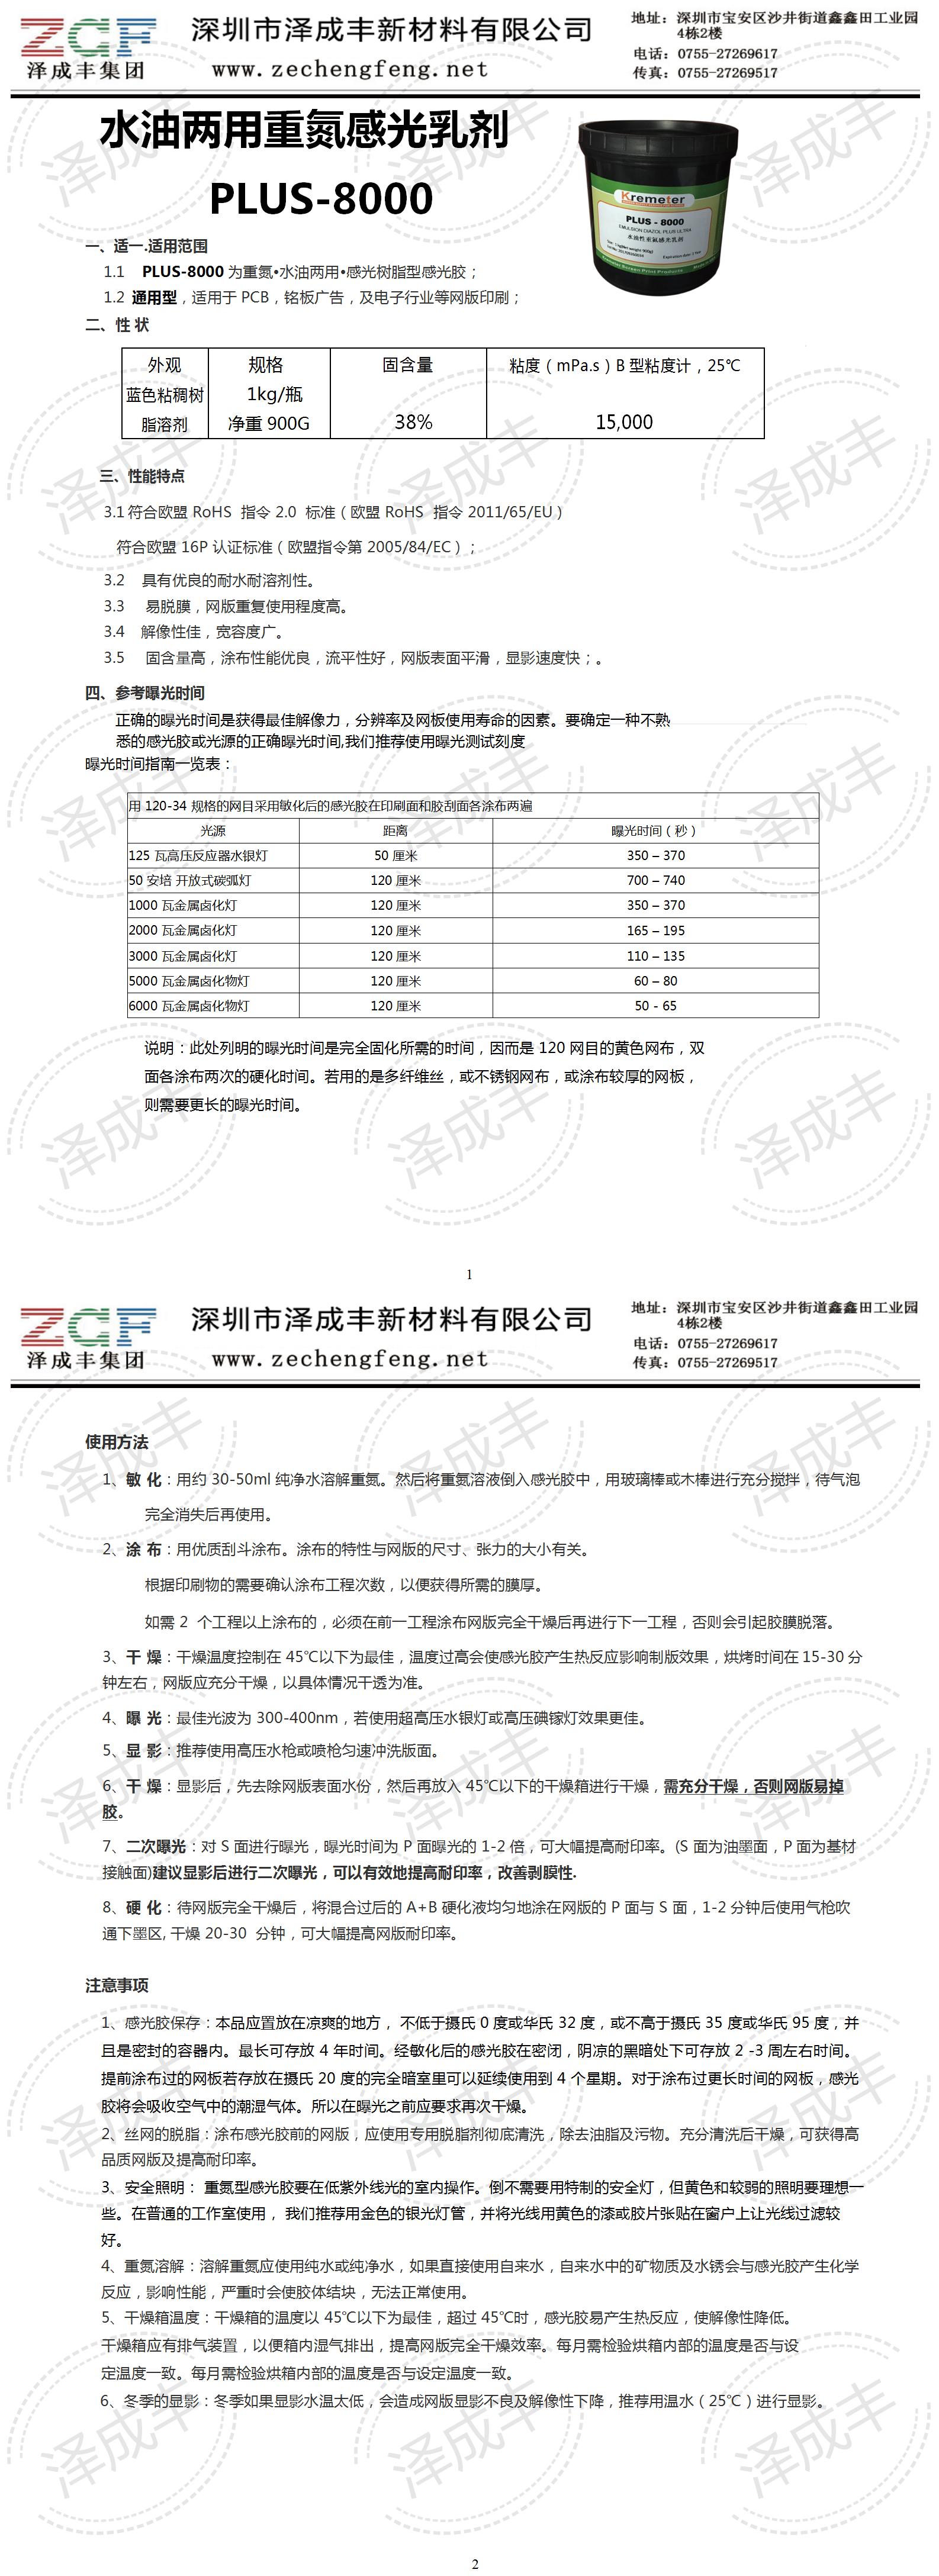 http://www.zechengfeng.net/images/admin/upload/20200109/476507e233ef819423fdc6d68f35e2e4.png